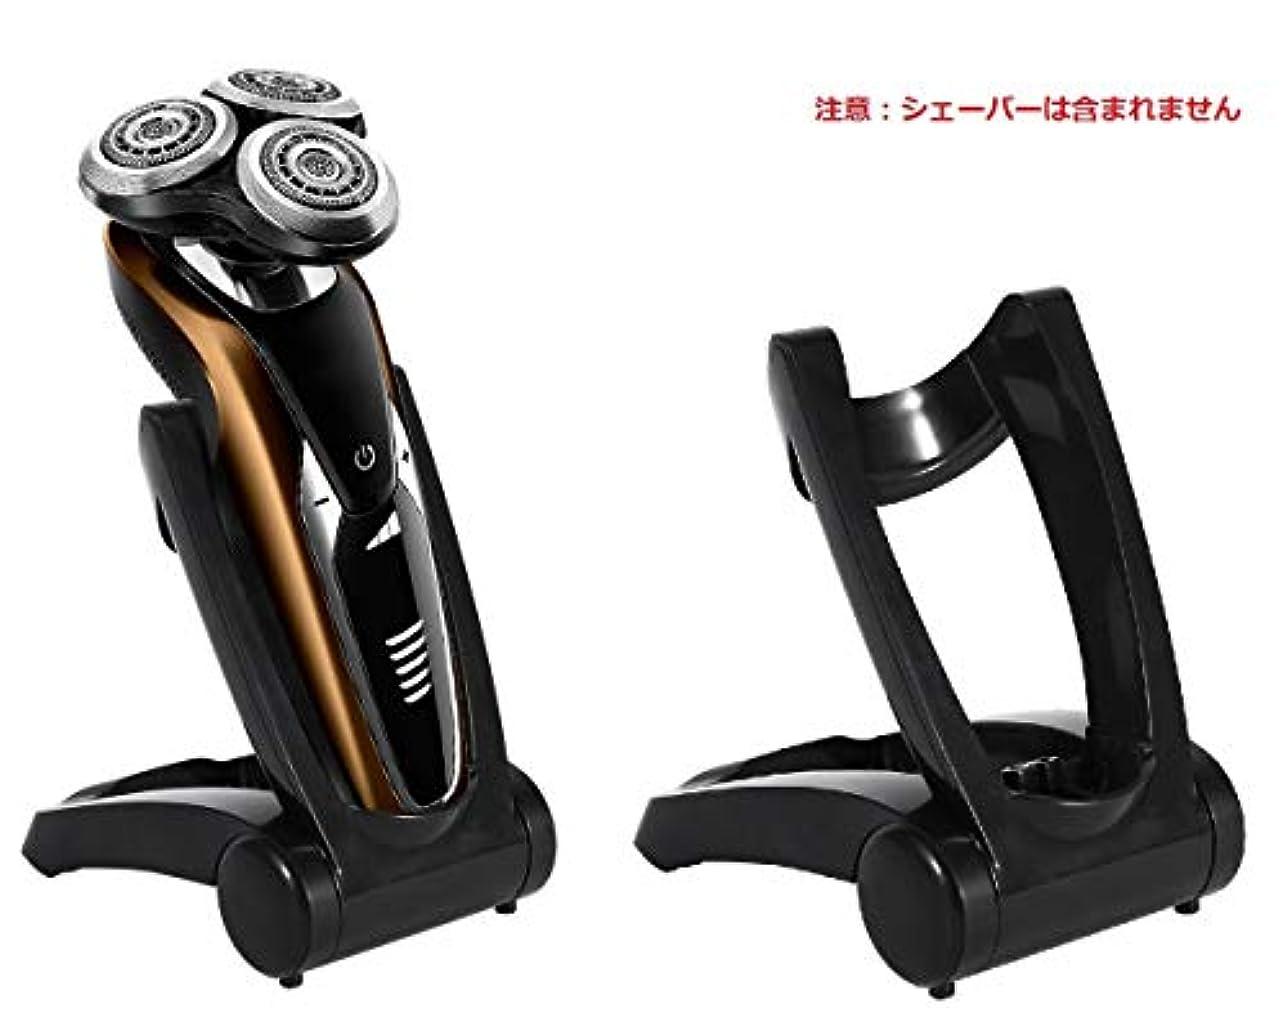 実施する番目繁雑Keepjoy. 充電スタンド PHILIPS 適用 シェーバーベース 電動シェーバーホルダー 折りたたみ BY-310/330/1298/RQ1150に適用 持ちやすい スタンド シェービング ABS